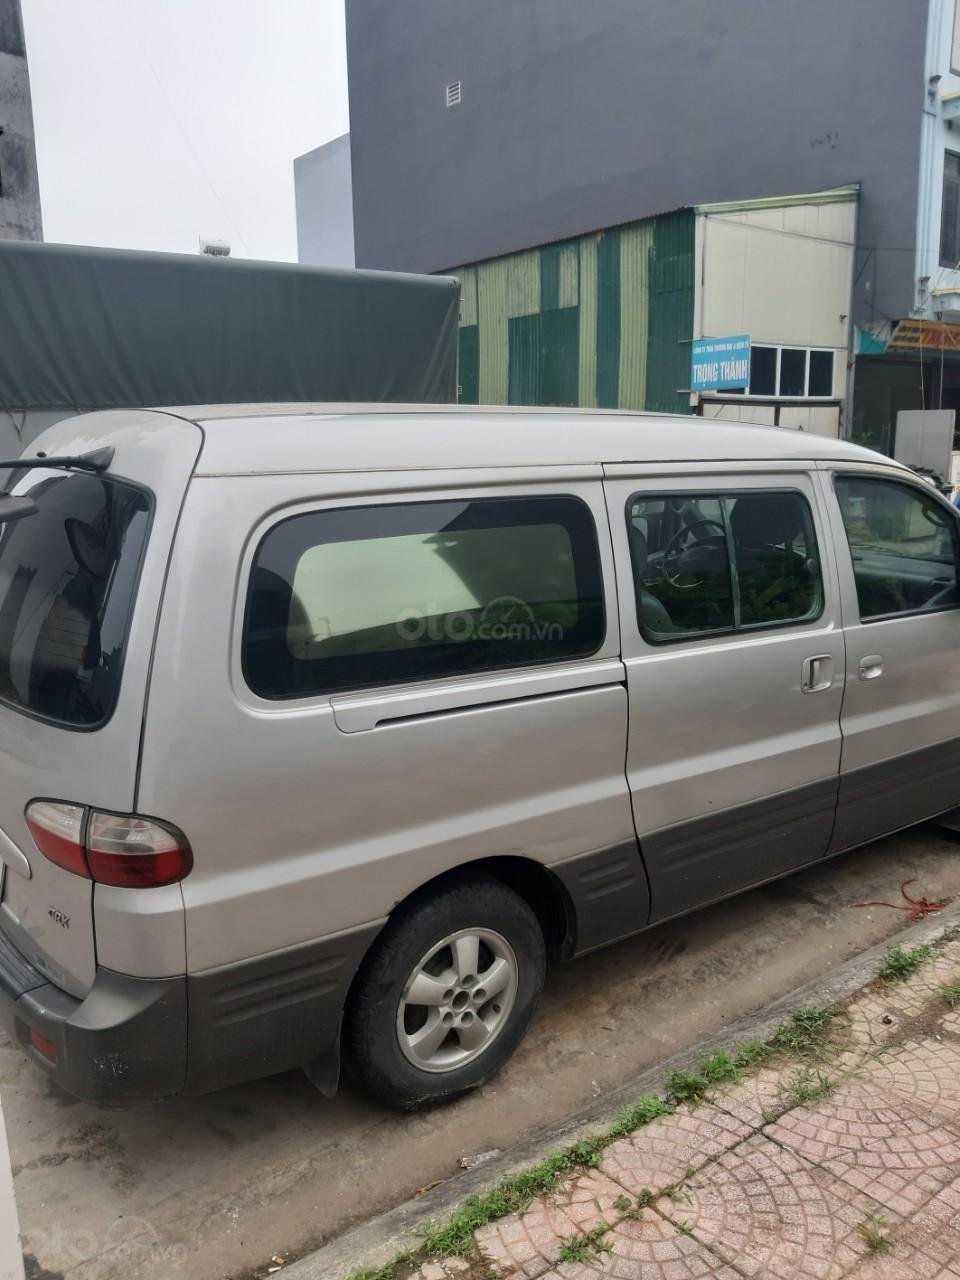 Cần bán xe Hyundai Starex bán tải, máy dầu giá 230 triệu (5)